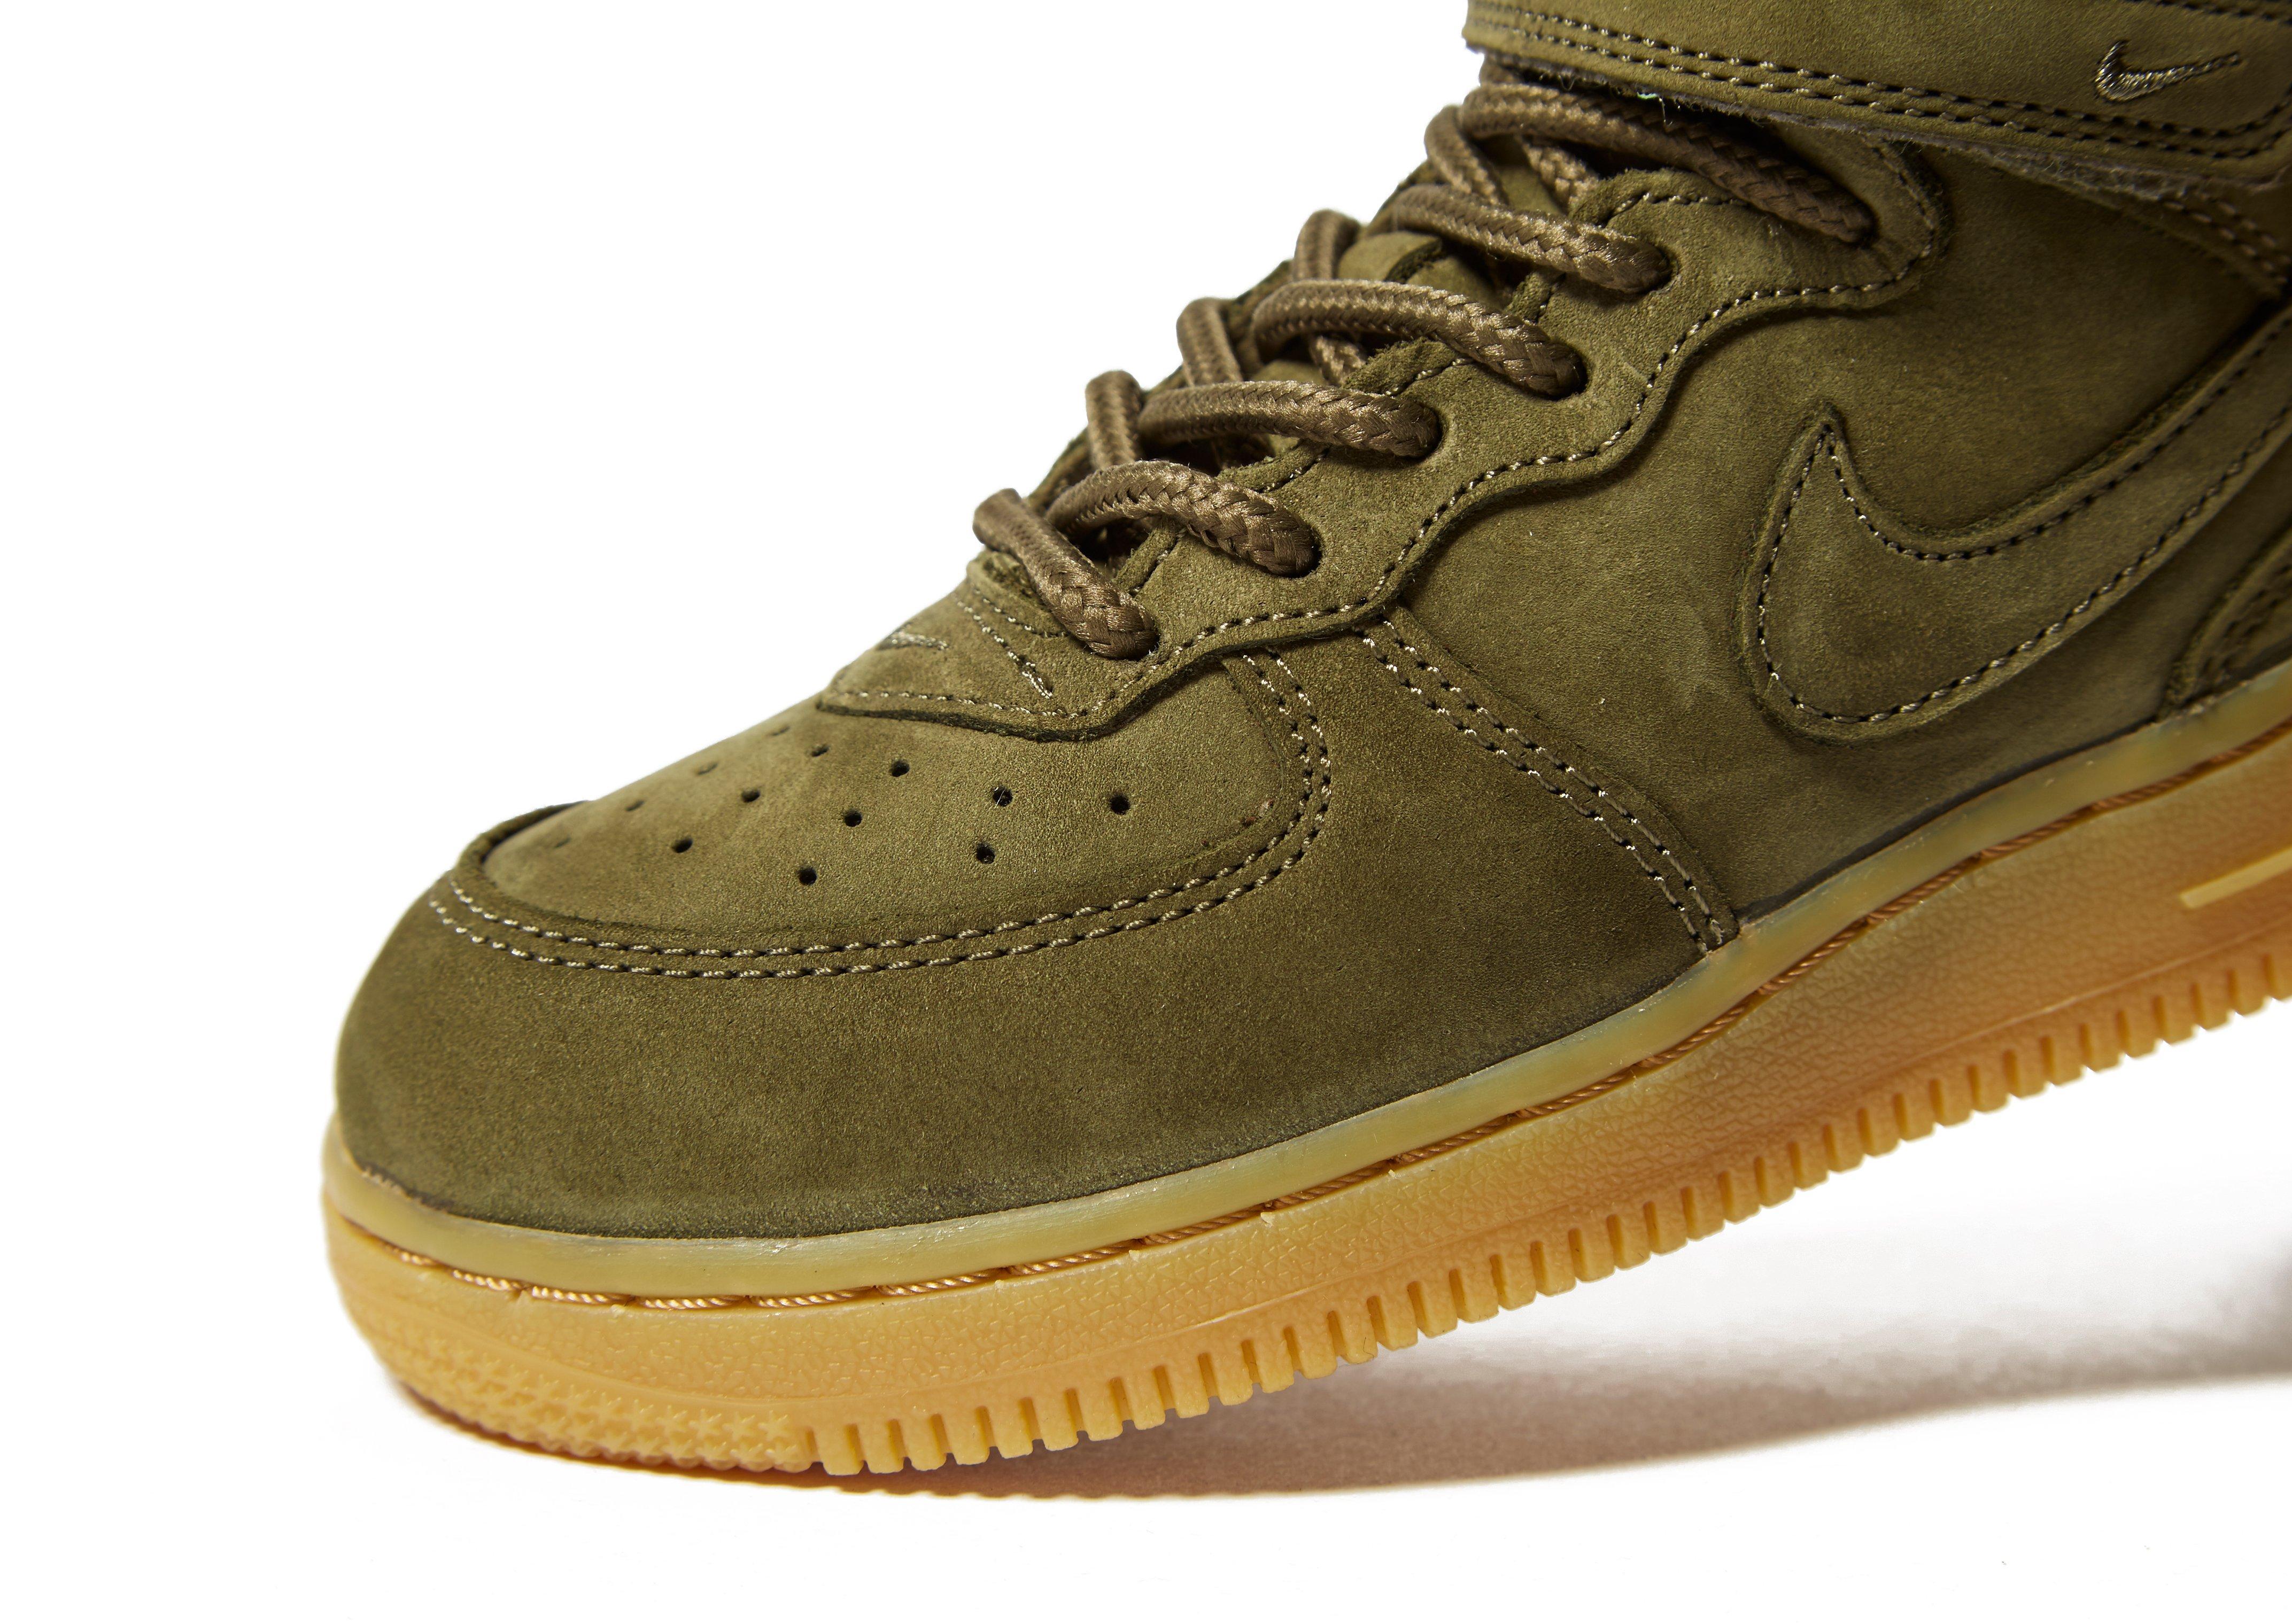 Nike Air Force 1 Tylenol Haute Bébé Wb